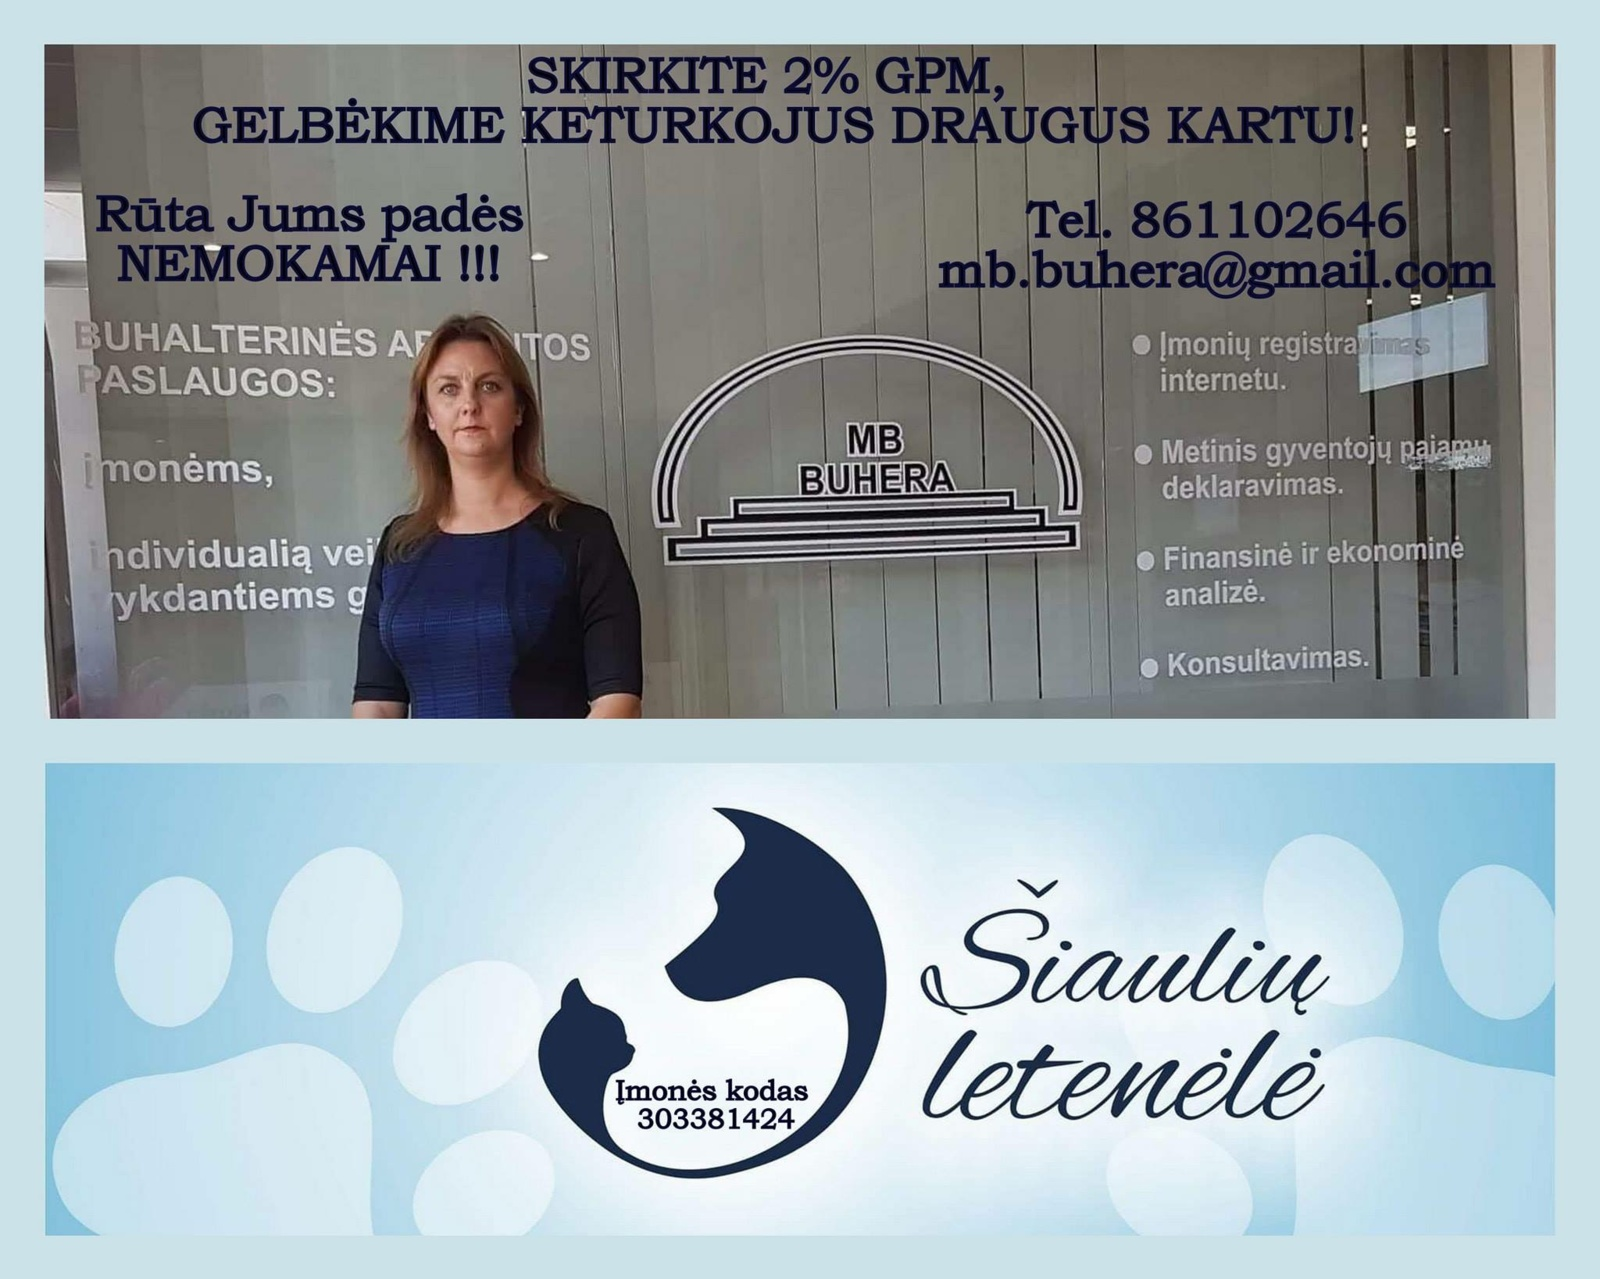 """""""Šiaulių letenėlės"""" savanorė padės JUMS užpildyti 2 proc. GPM blanką"""